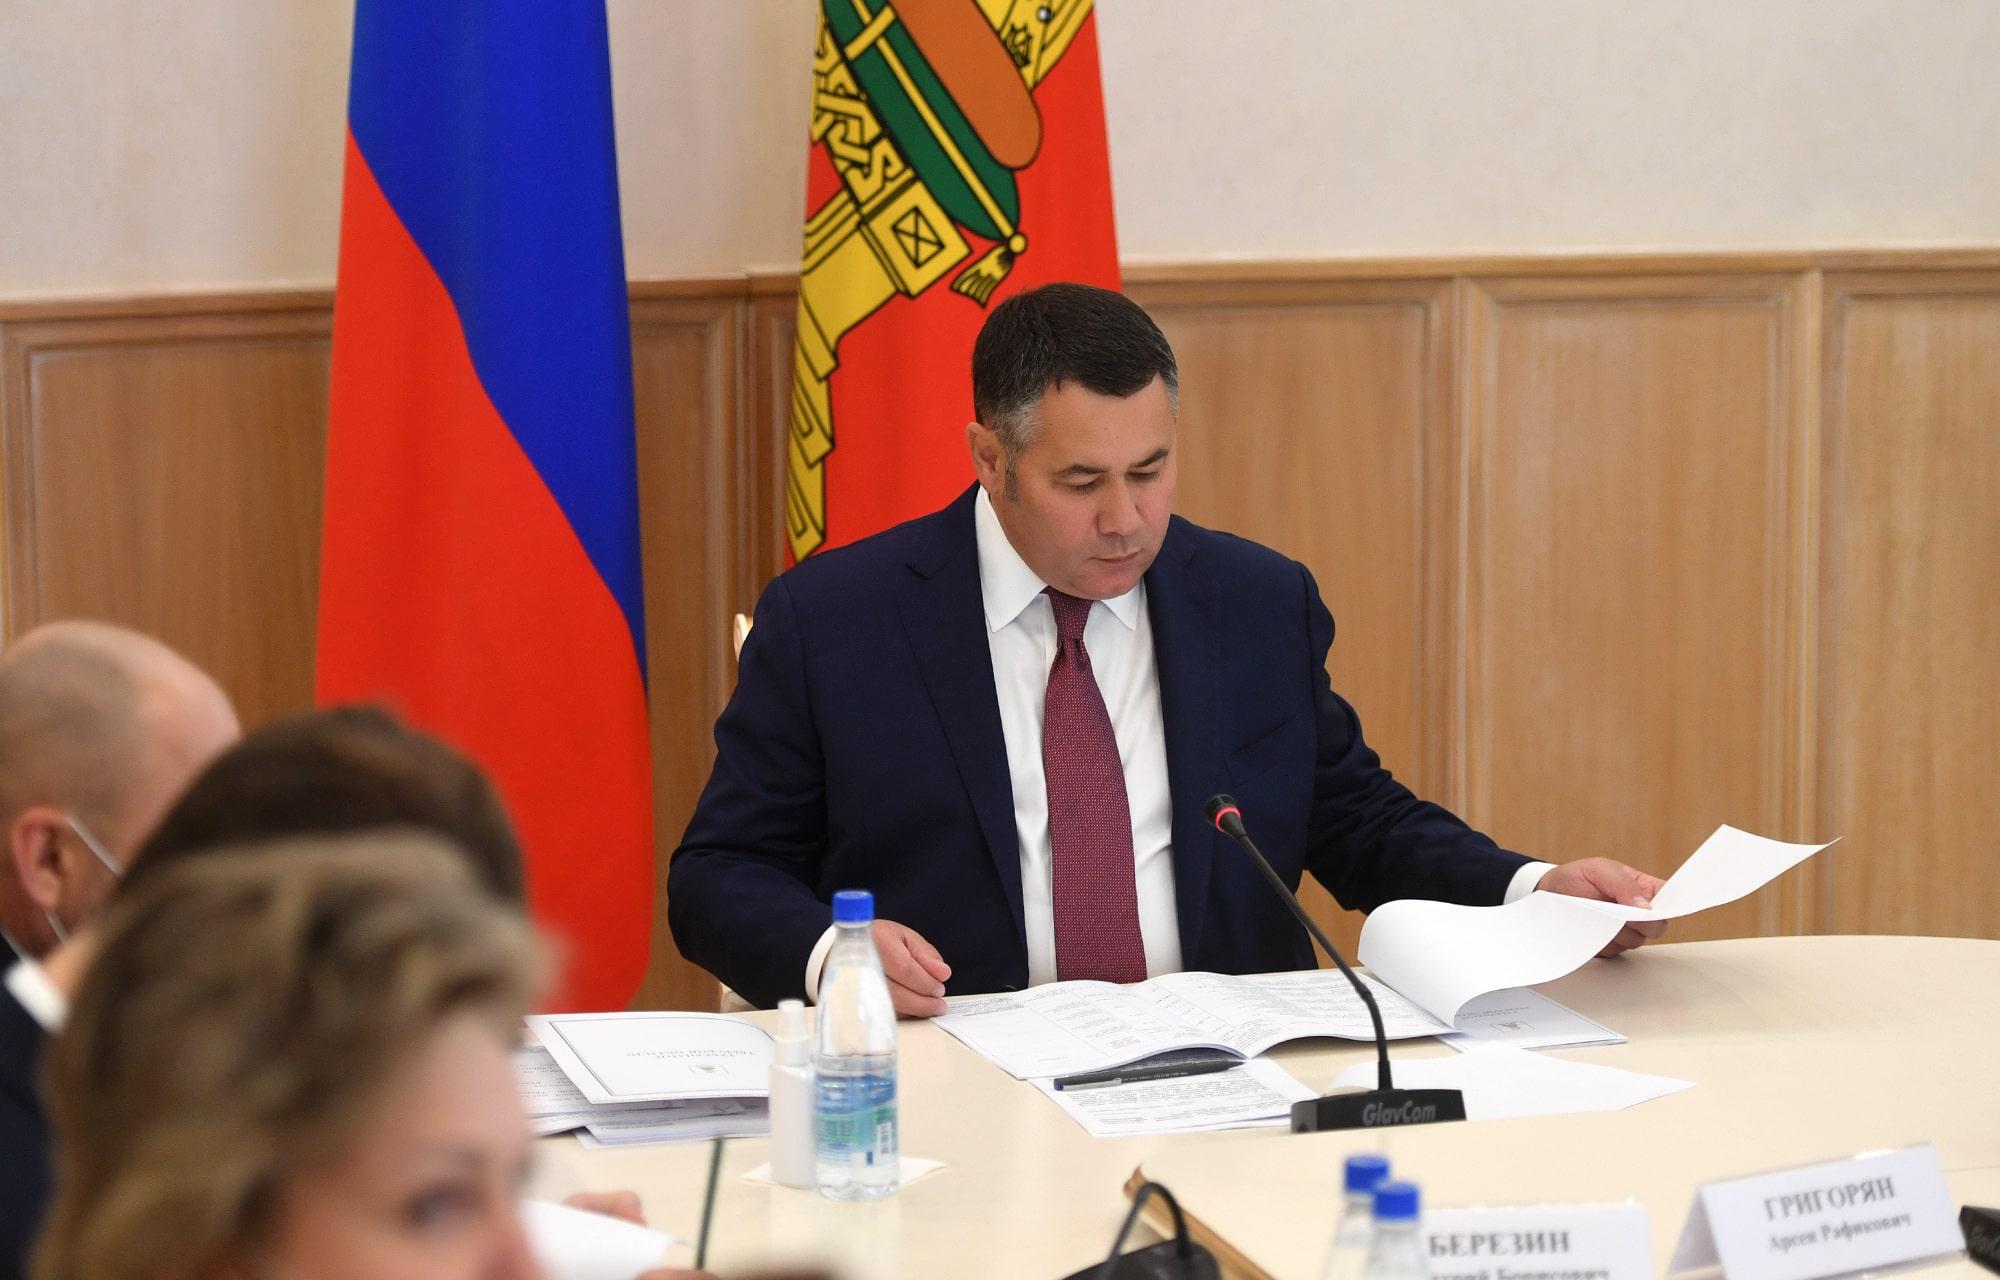 Подразделение детской санитарной авиации создадут в Тверской области